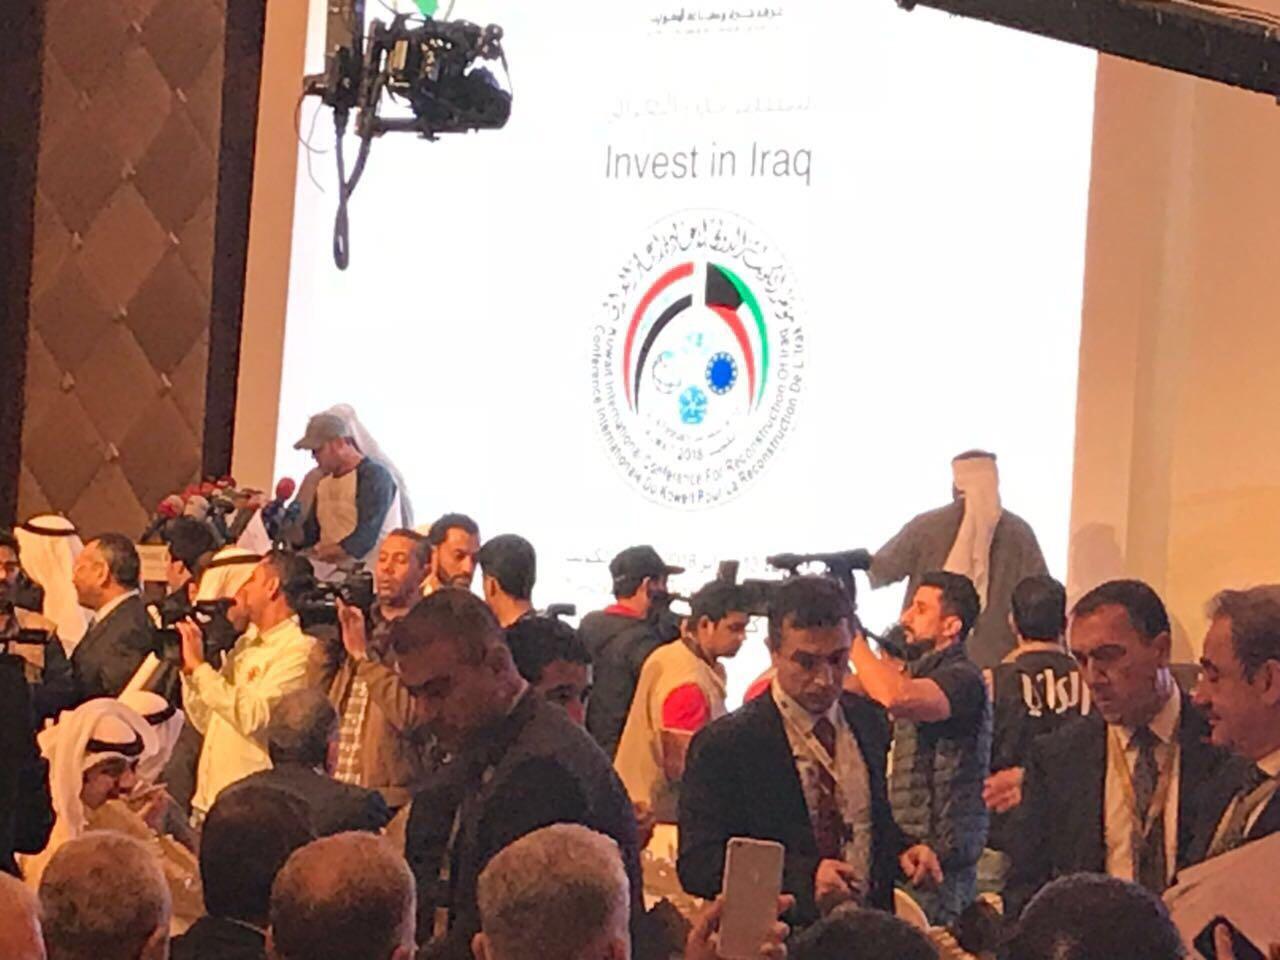 """انطلاق اعمال مؤتمر """"استثمر في العراق"""" بالكويت"""